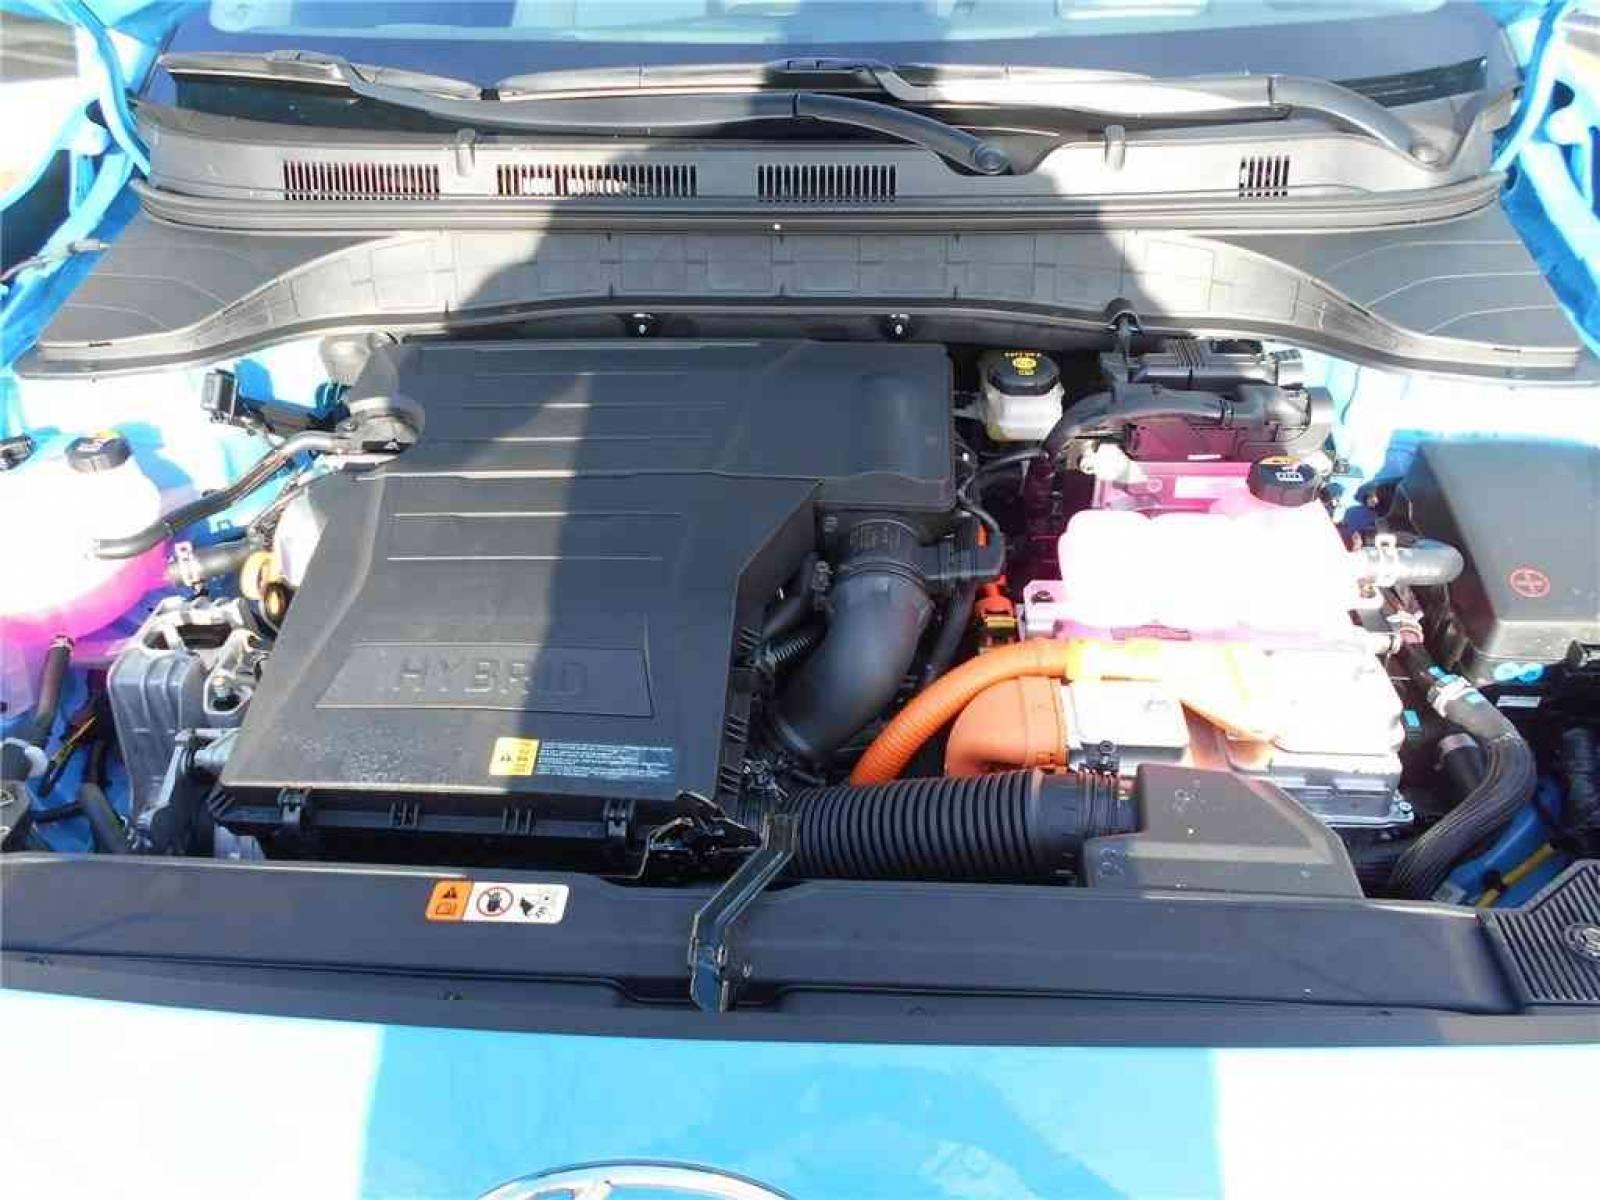 HYUNDAI Kona Hybrid 141 - véhicule d'occasion - Groupe Guillet - Chalon Automobiles - 71100 - Chalon-sur-Saône - 15